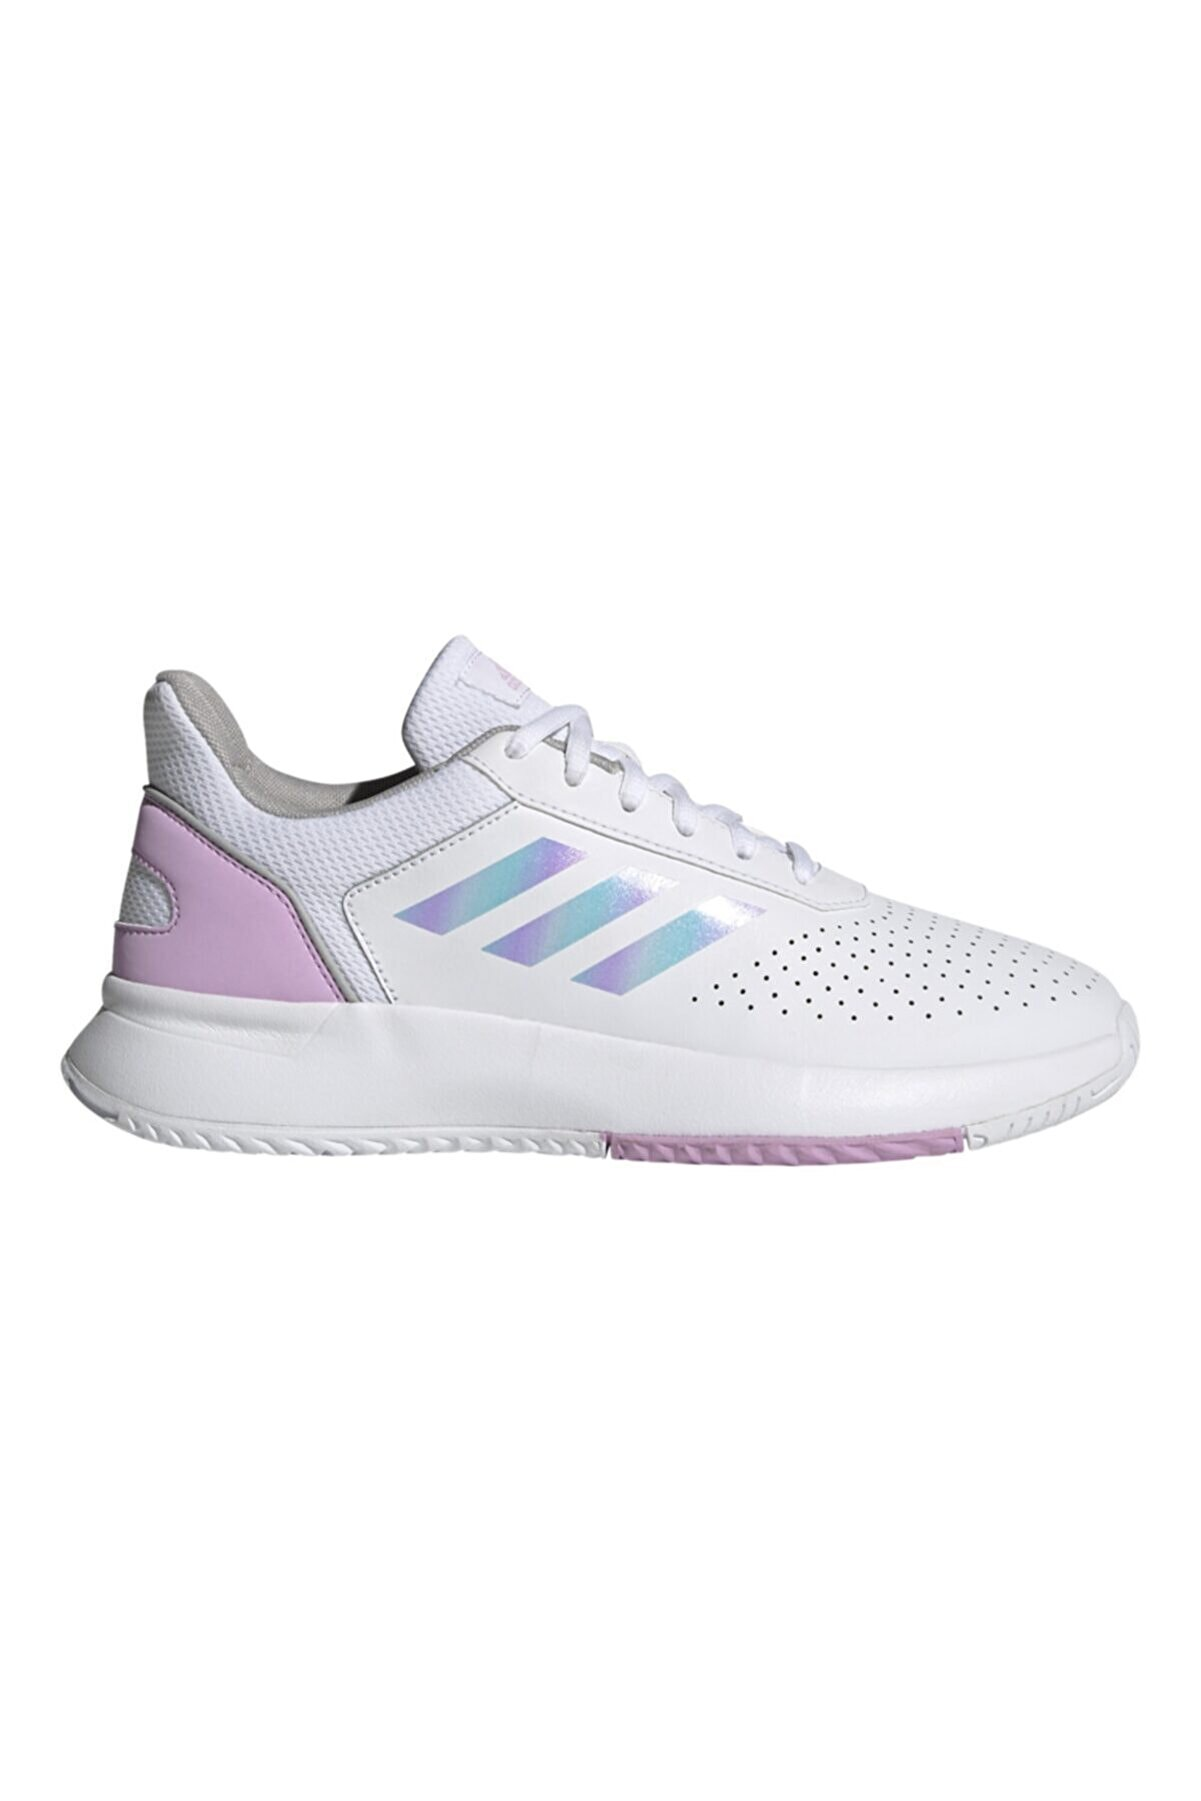 adidas Kadın  Fy8732 Courtsmash Beyaz Tenis Ayakkabısı